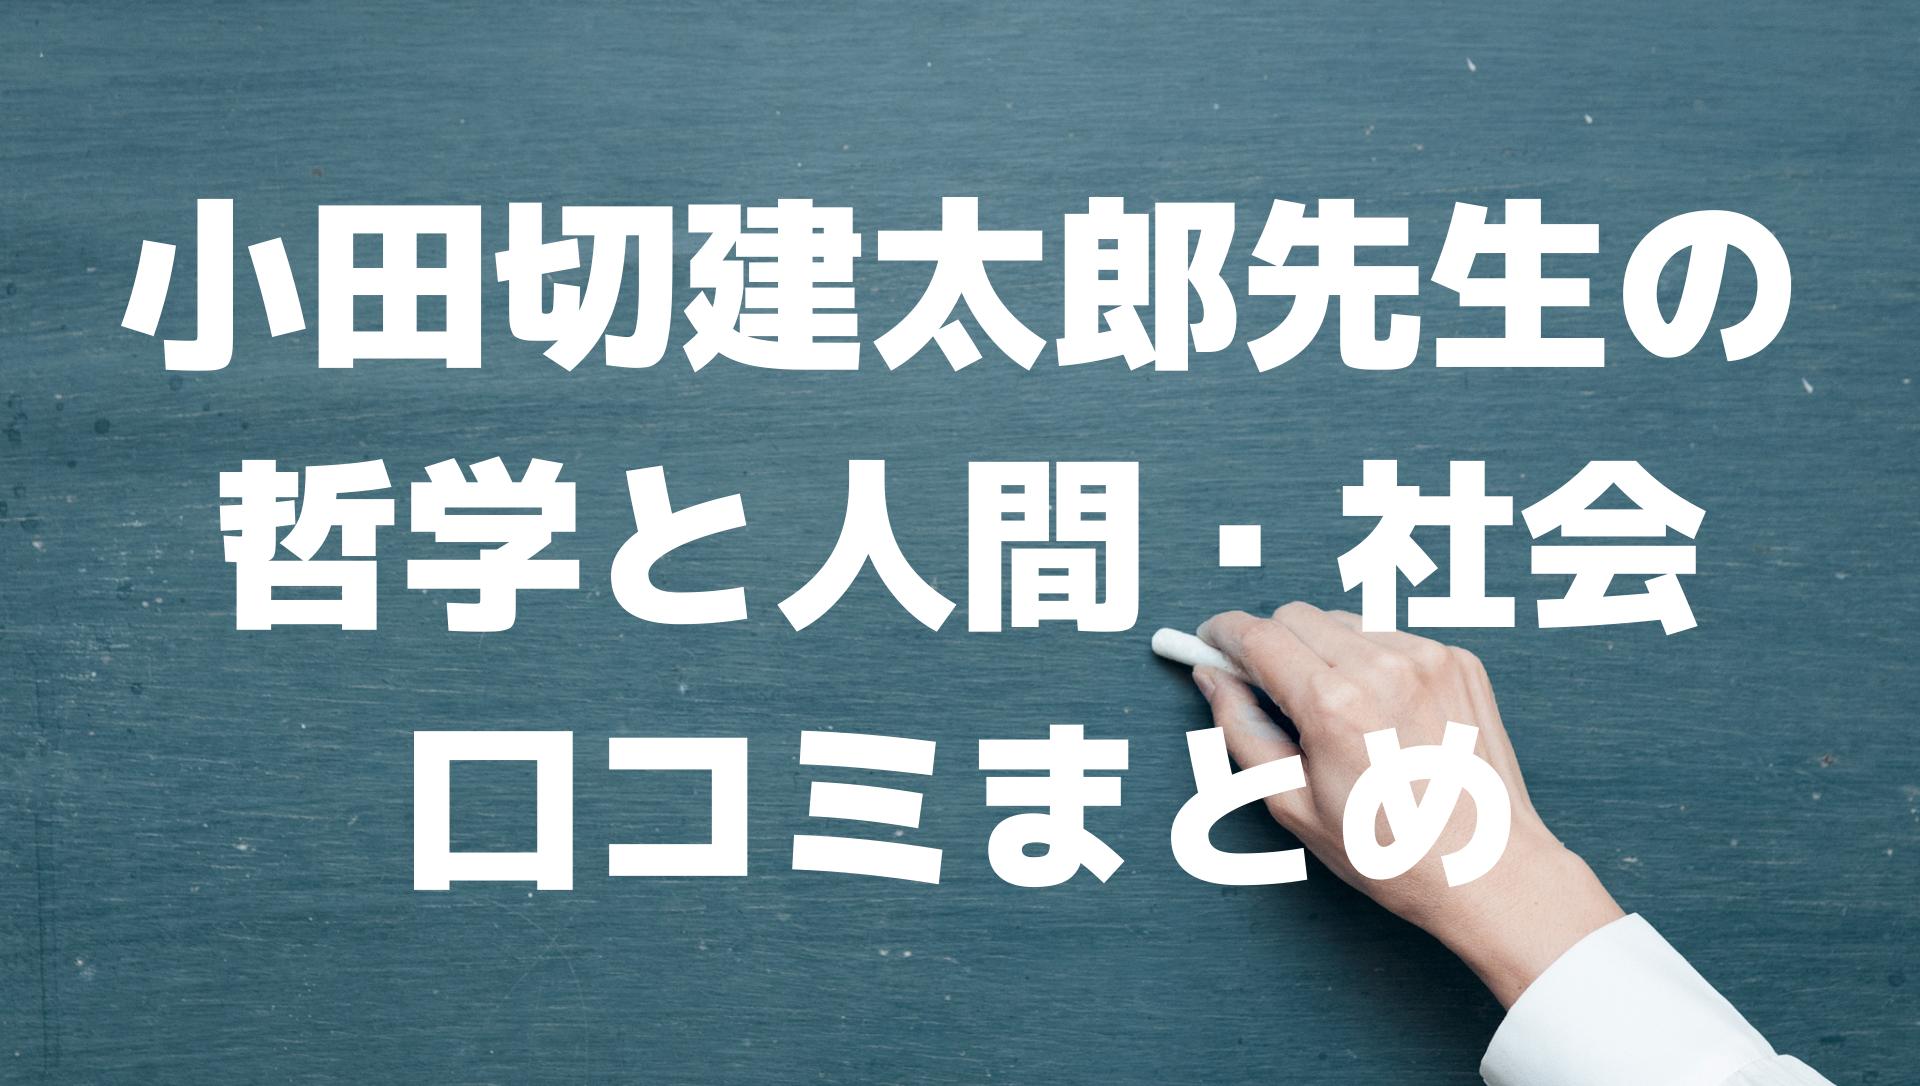 小田切建太郎先生の哲学と人間・社会